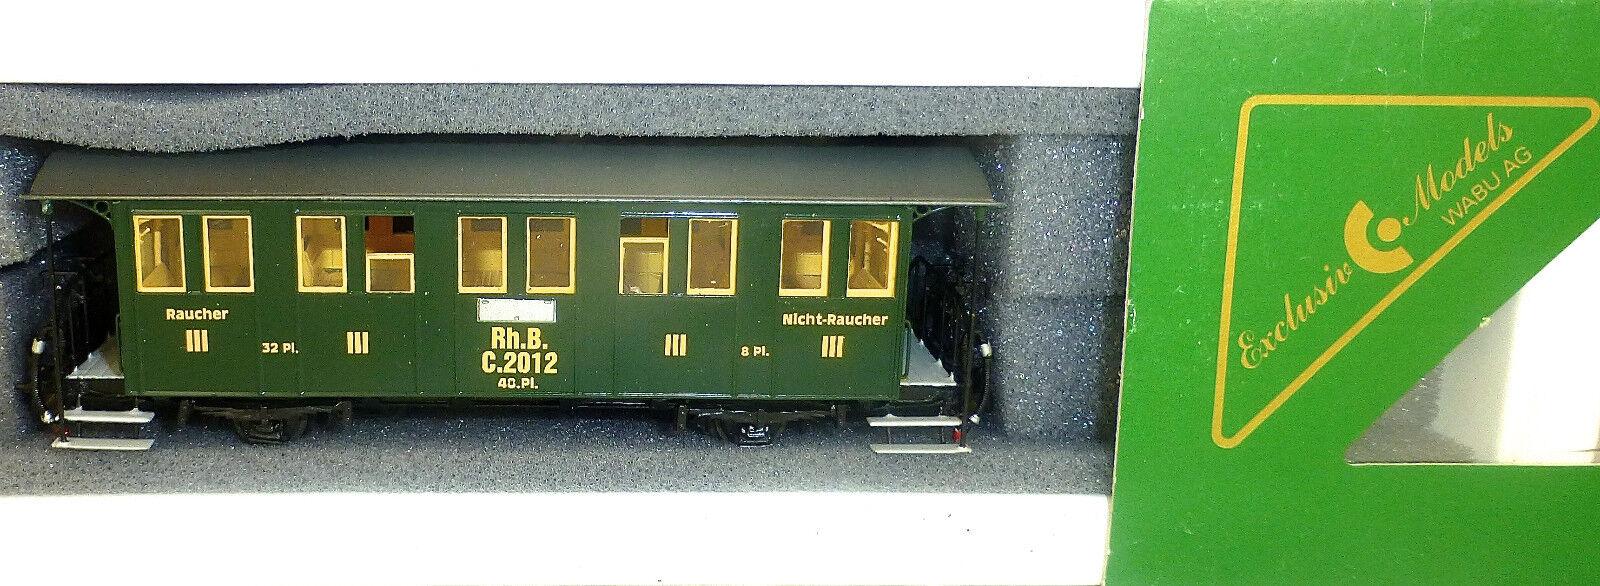 RhB Treno a vapore F D'EPOCA 3  cl. 2012 ESCLUSIVO MODELLO WABU 265.005 H0m